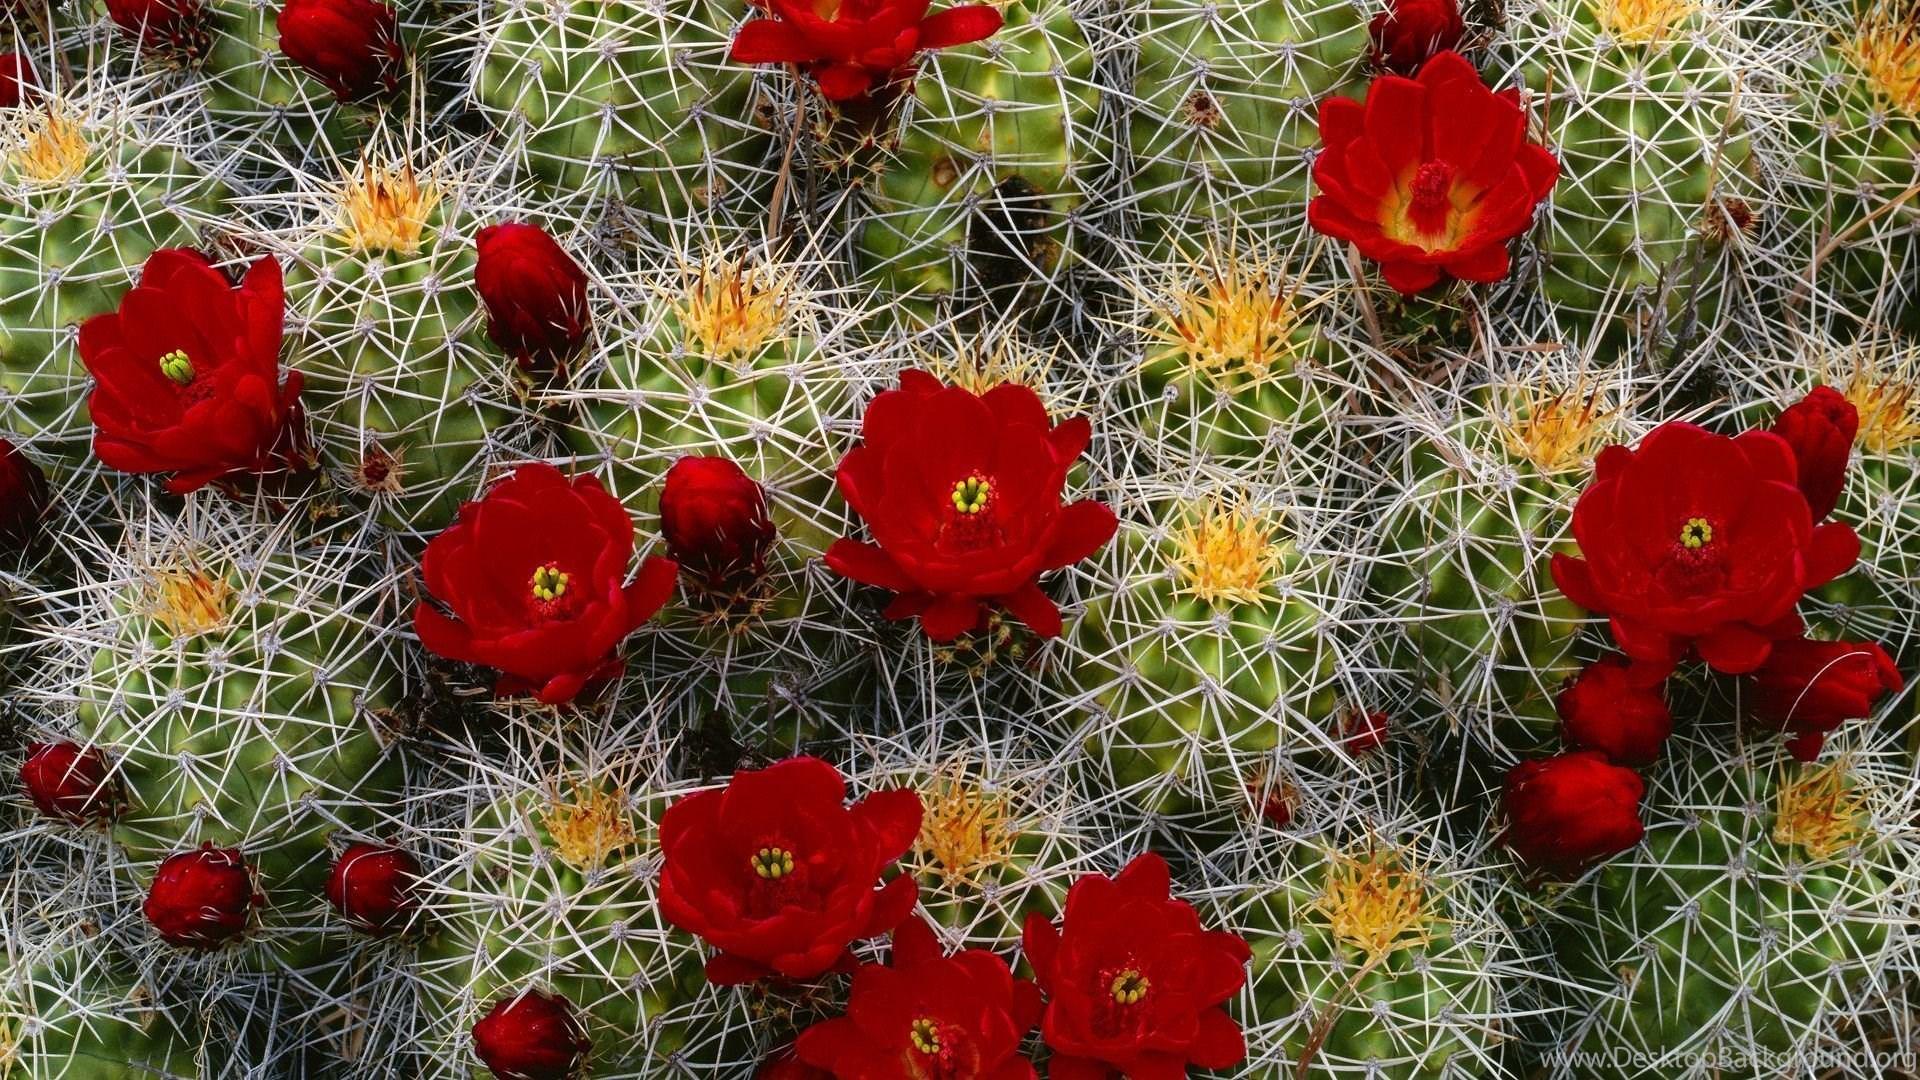 64 Cactus Hd Wallpapers Desktop Background